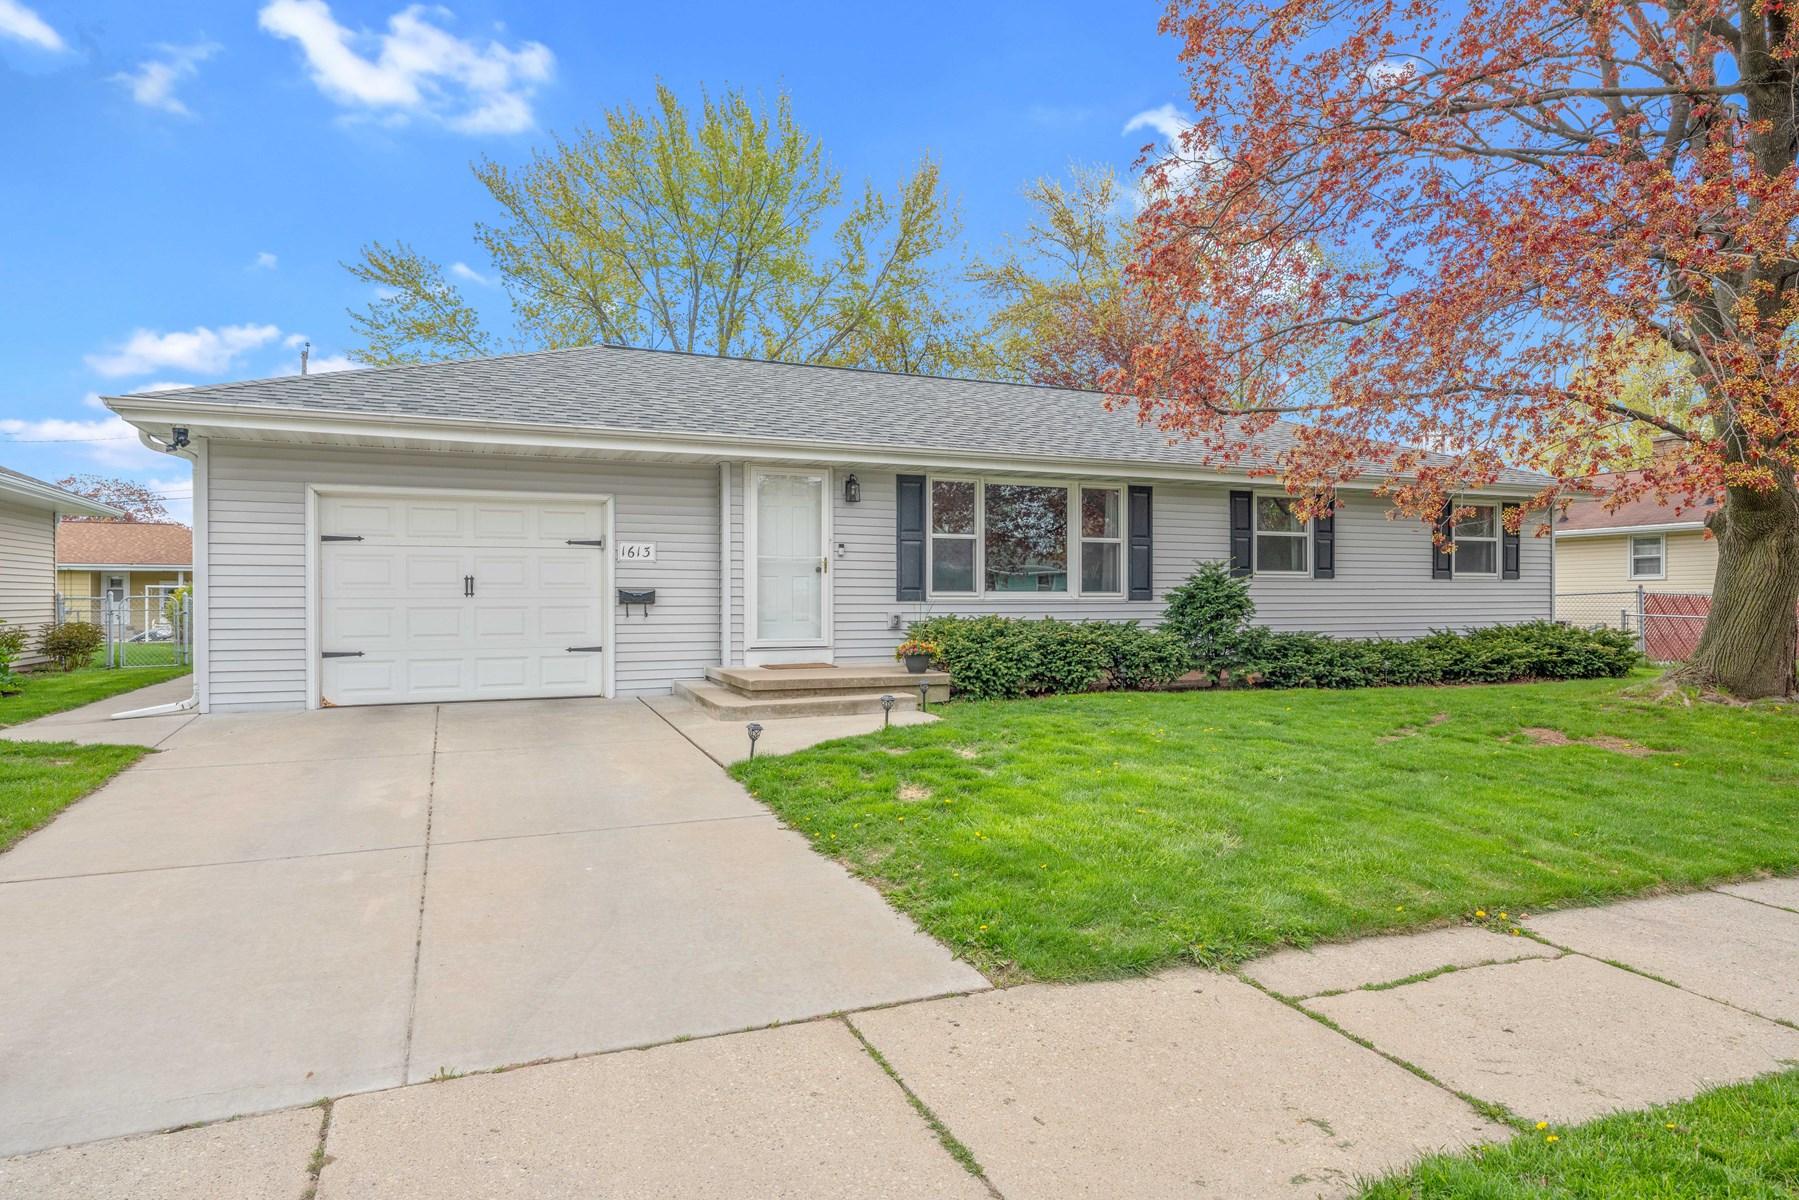 Home in Green Bay for sale near Lambeau Field